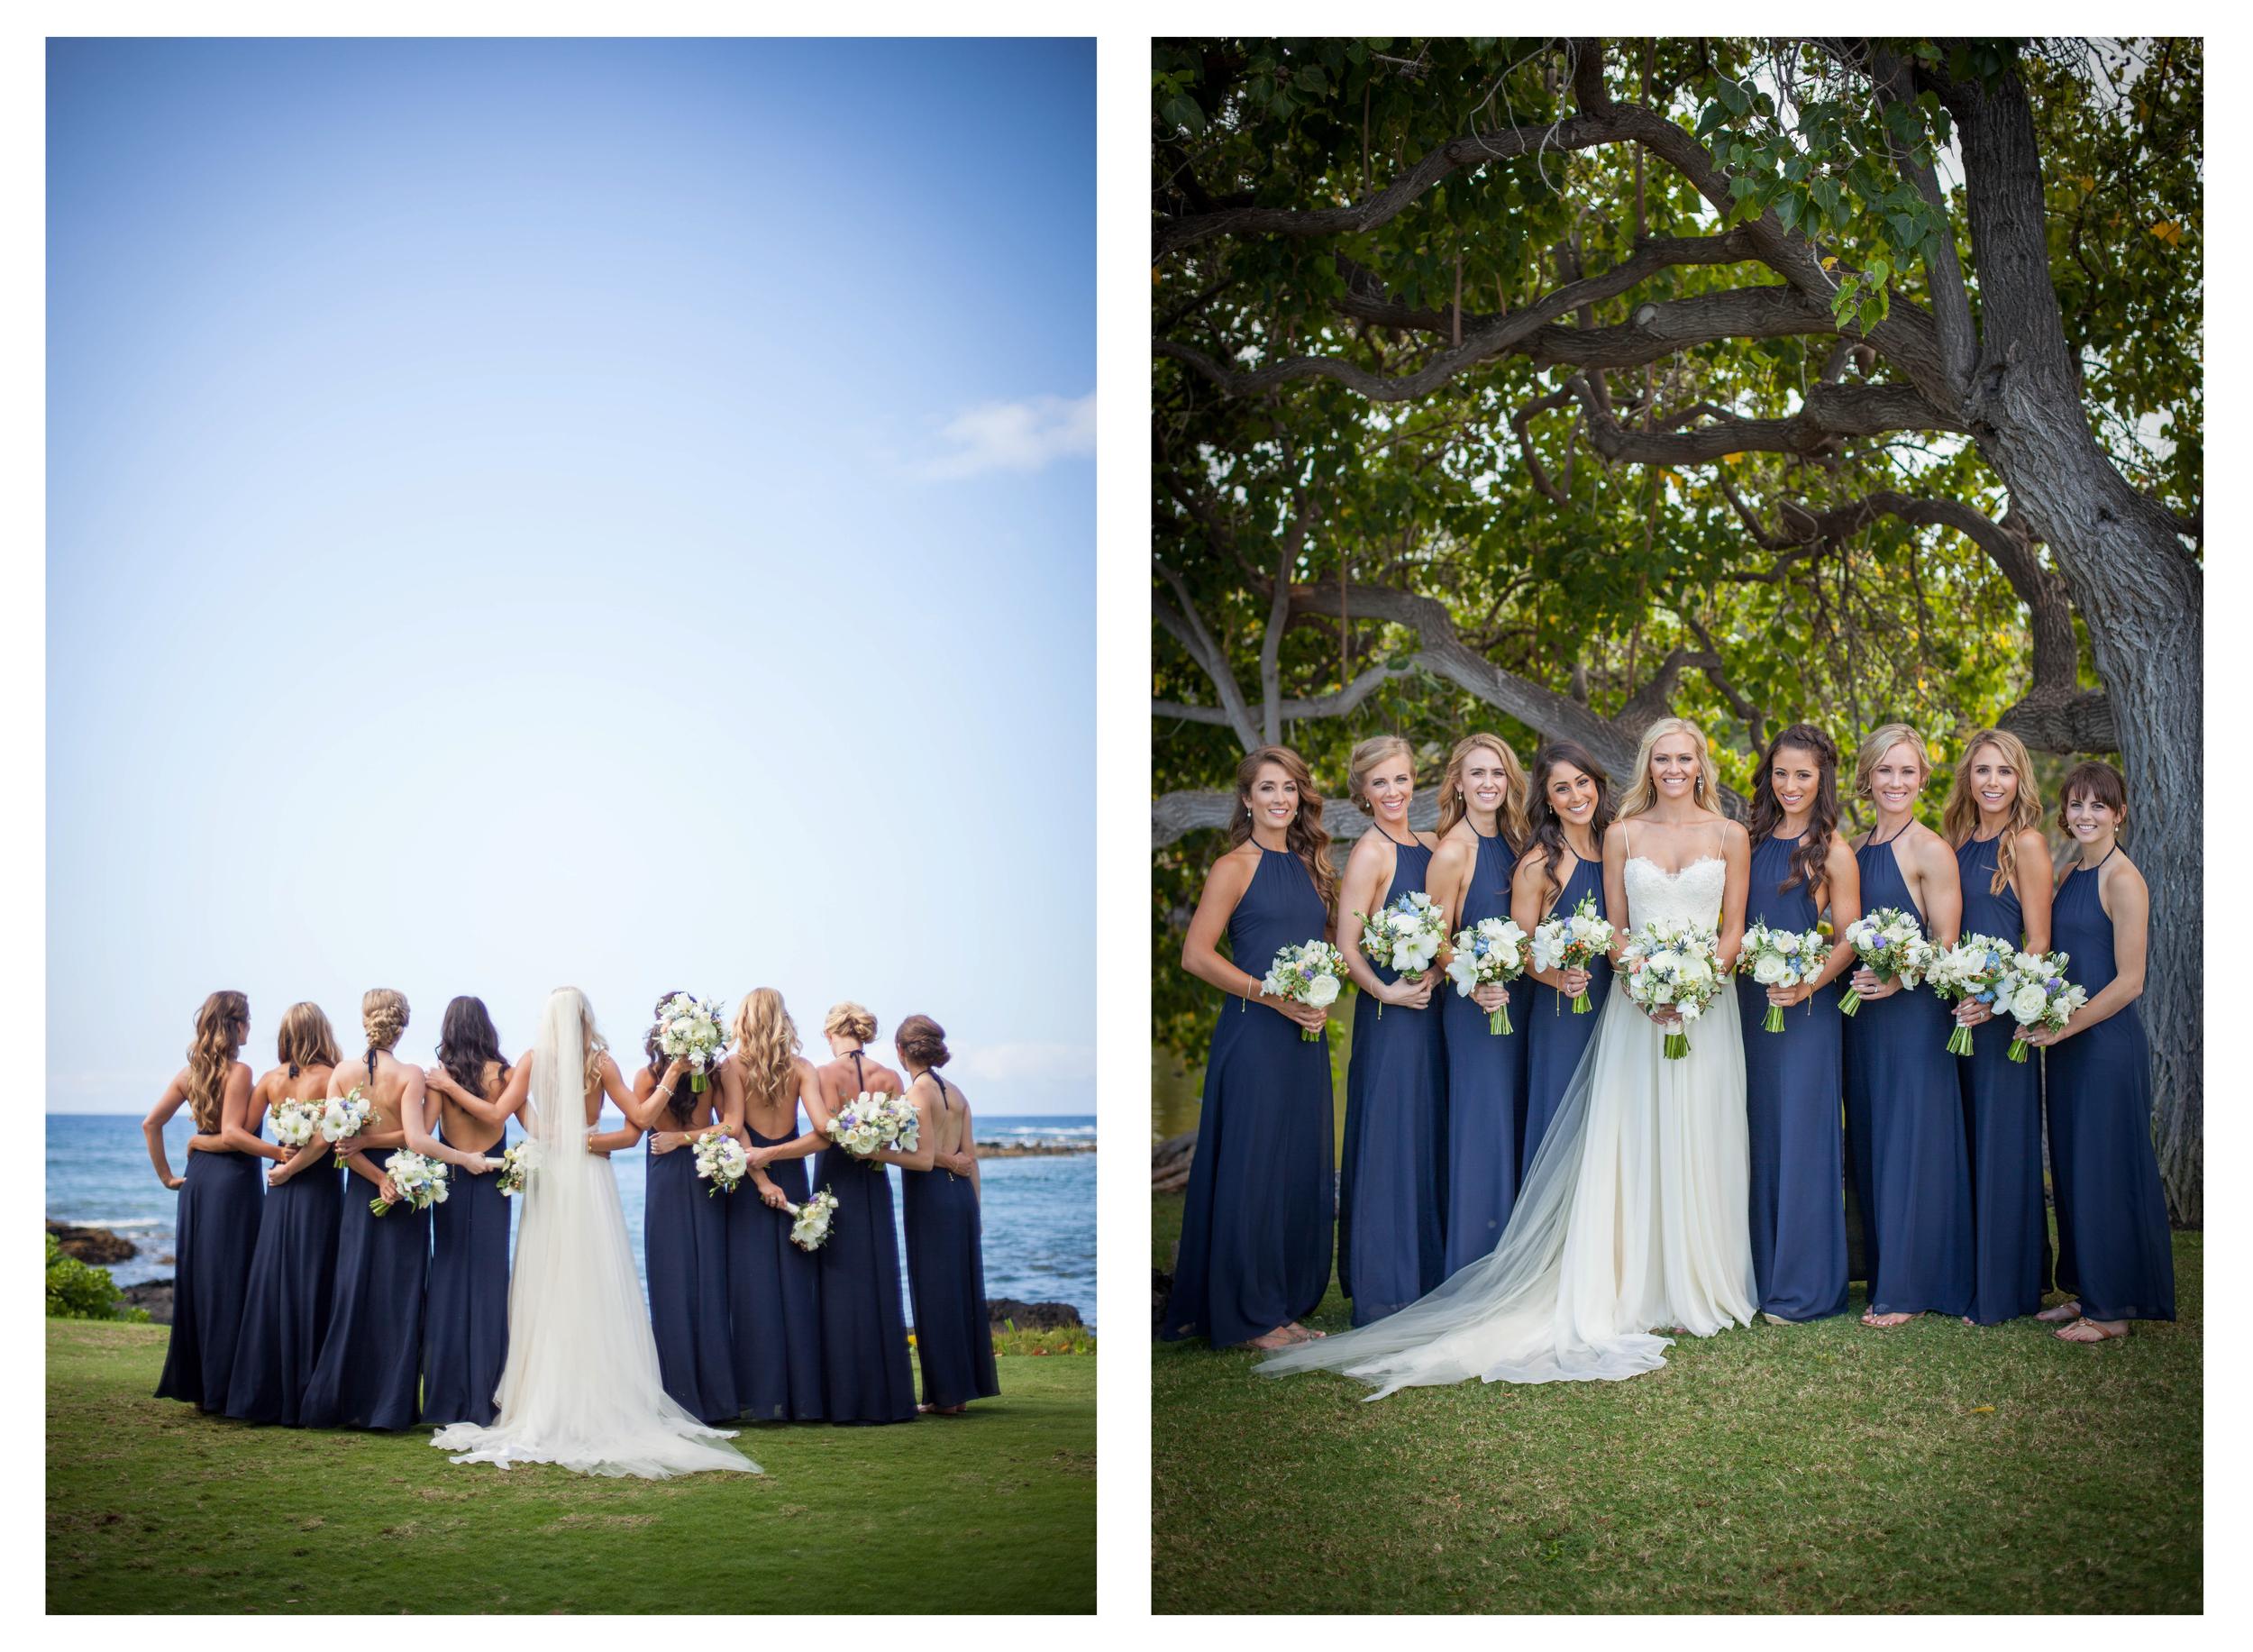 big island hawaii mauna lani resort wedding © kelilina photography 20160131131244-12.jpg